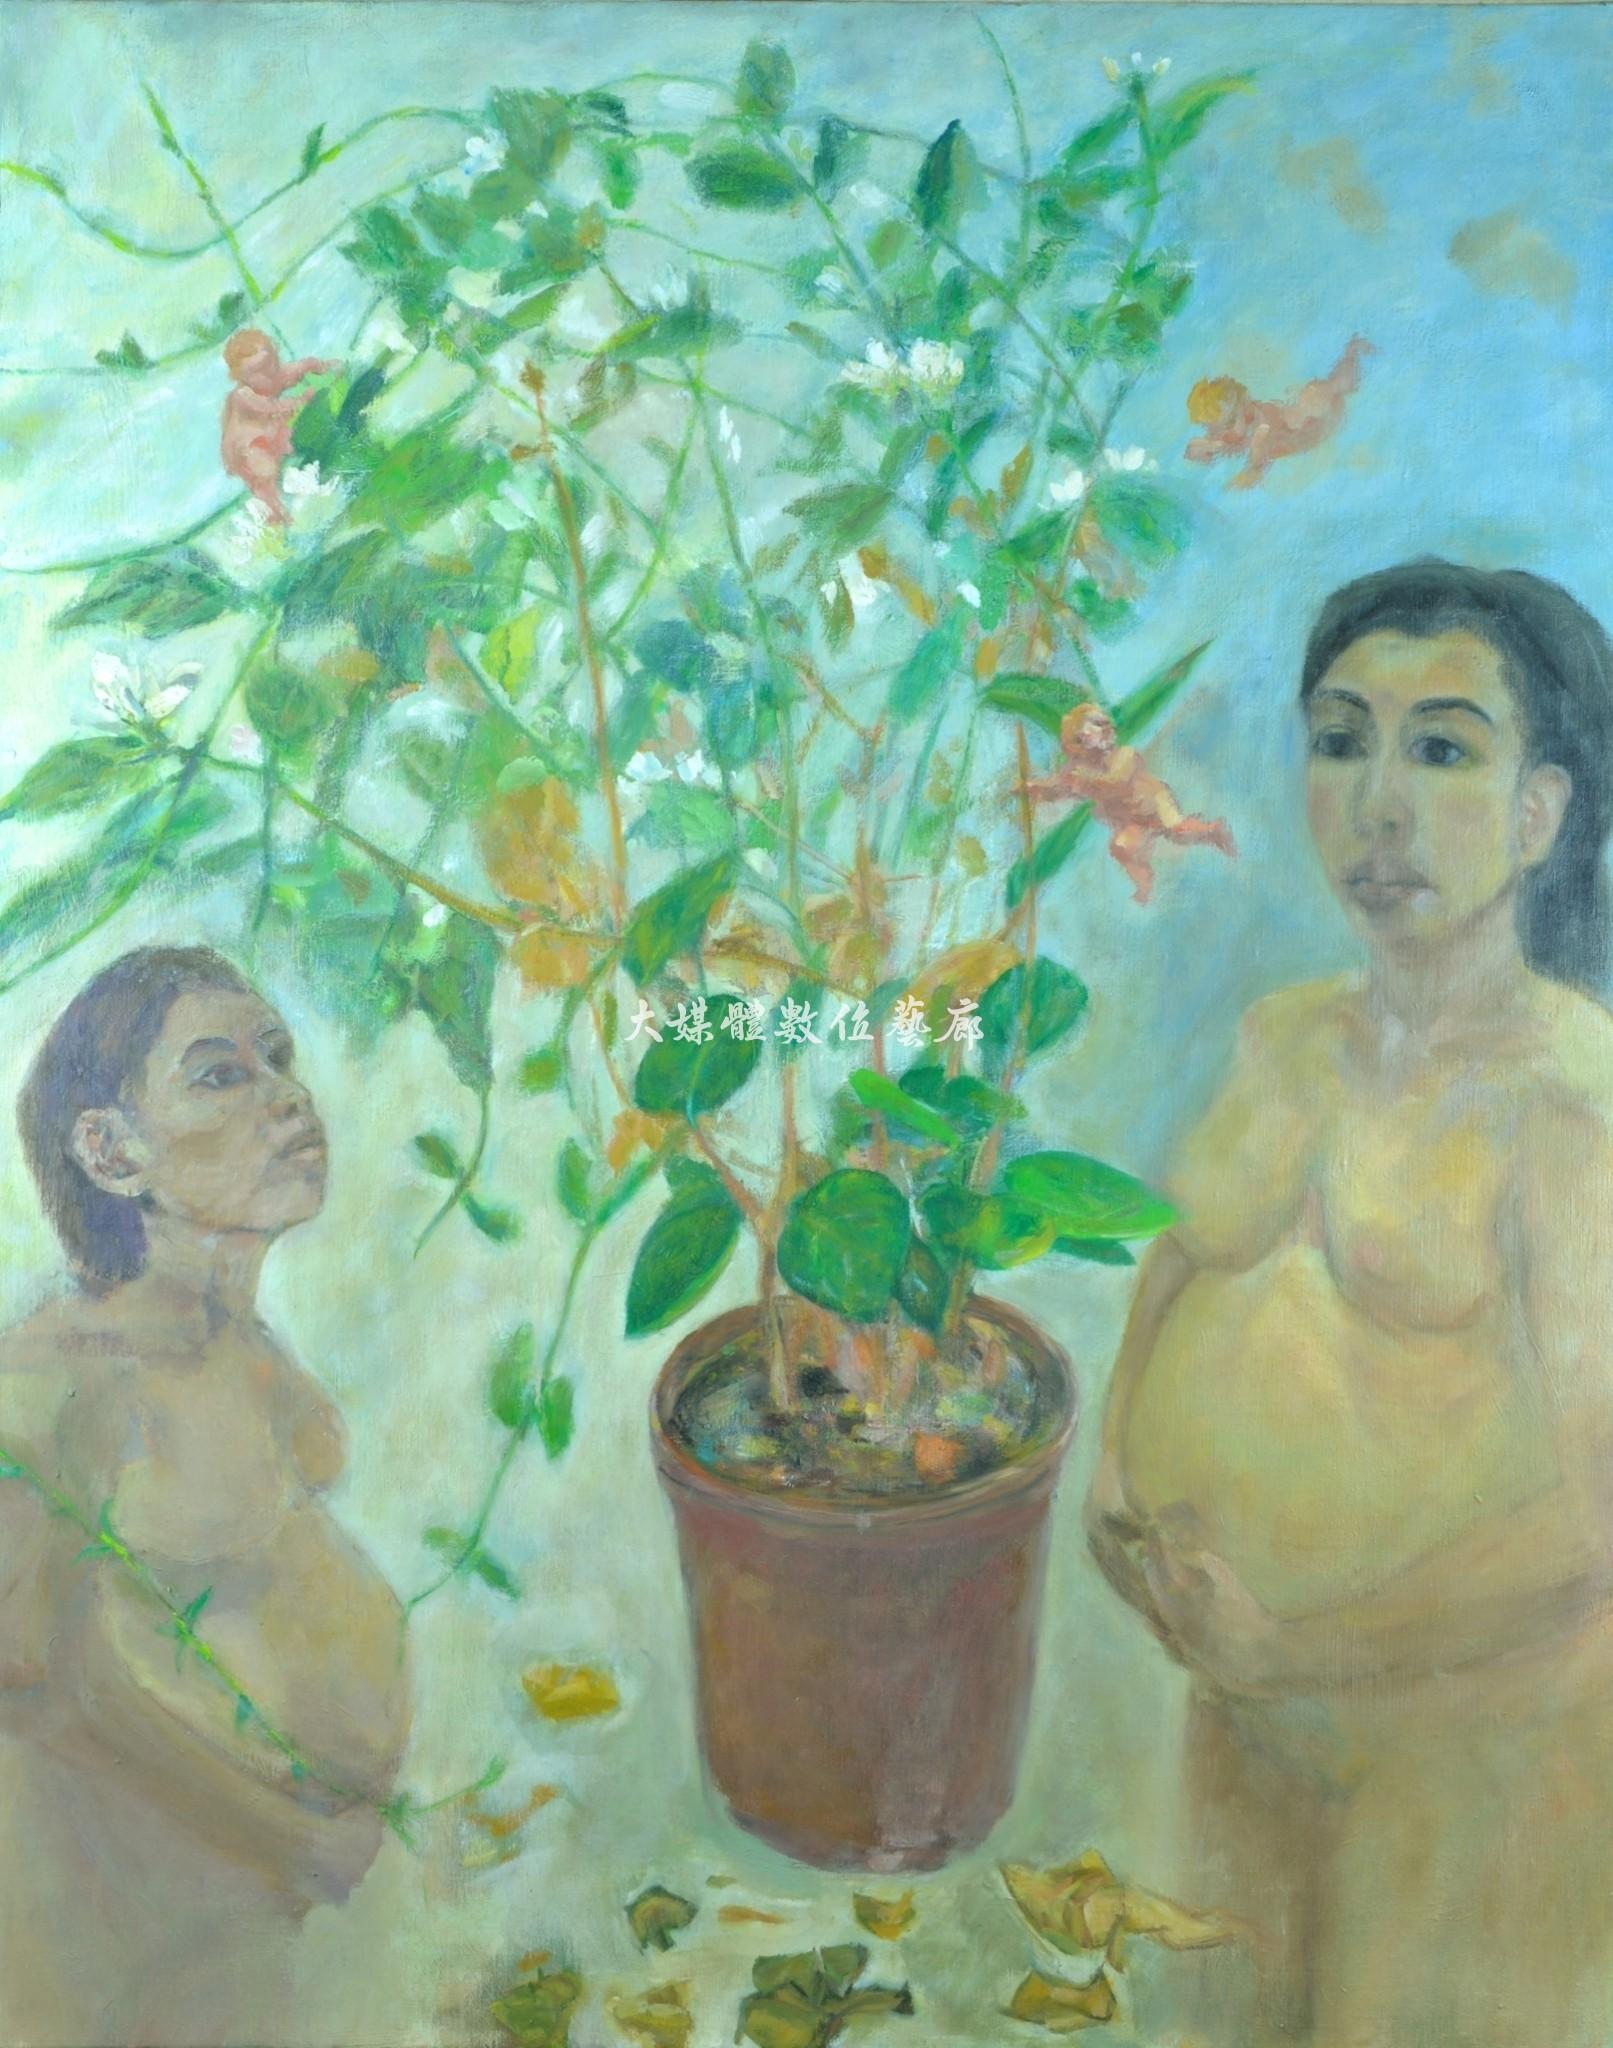 油畫 期待-與生命之花對話